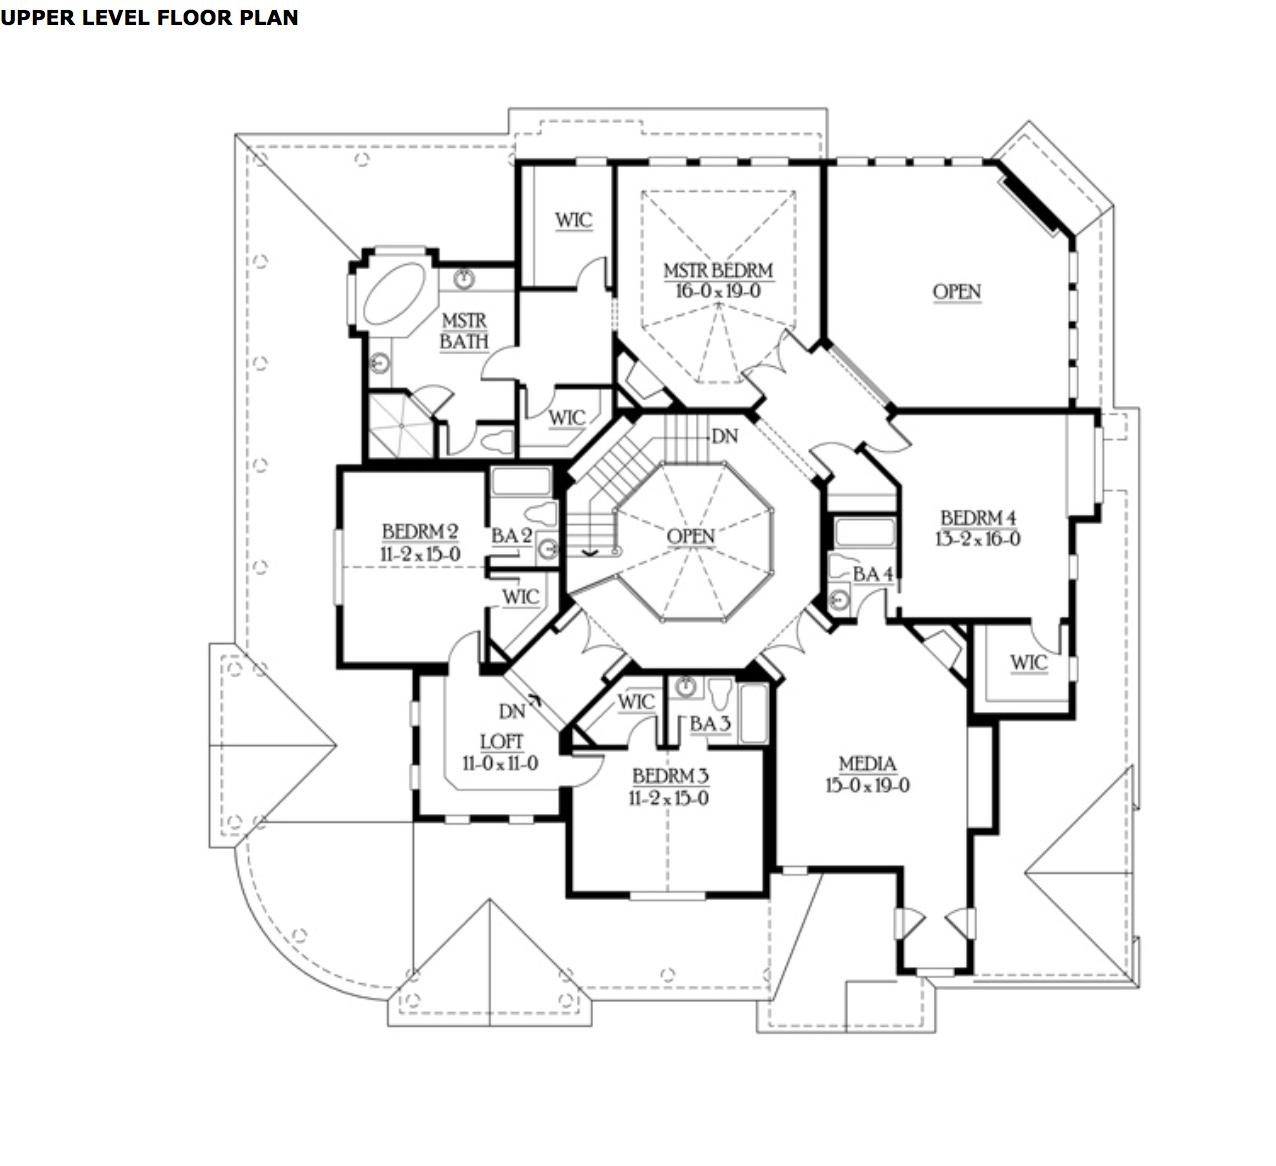 victorian-upper-level-floor-plan-4.png